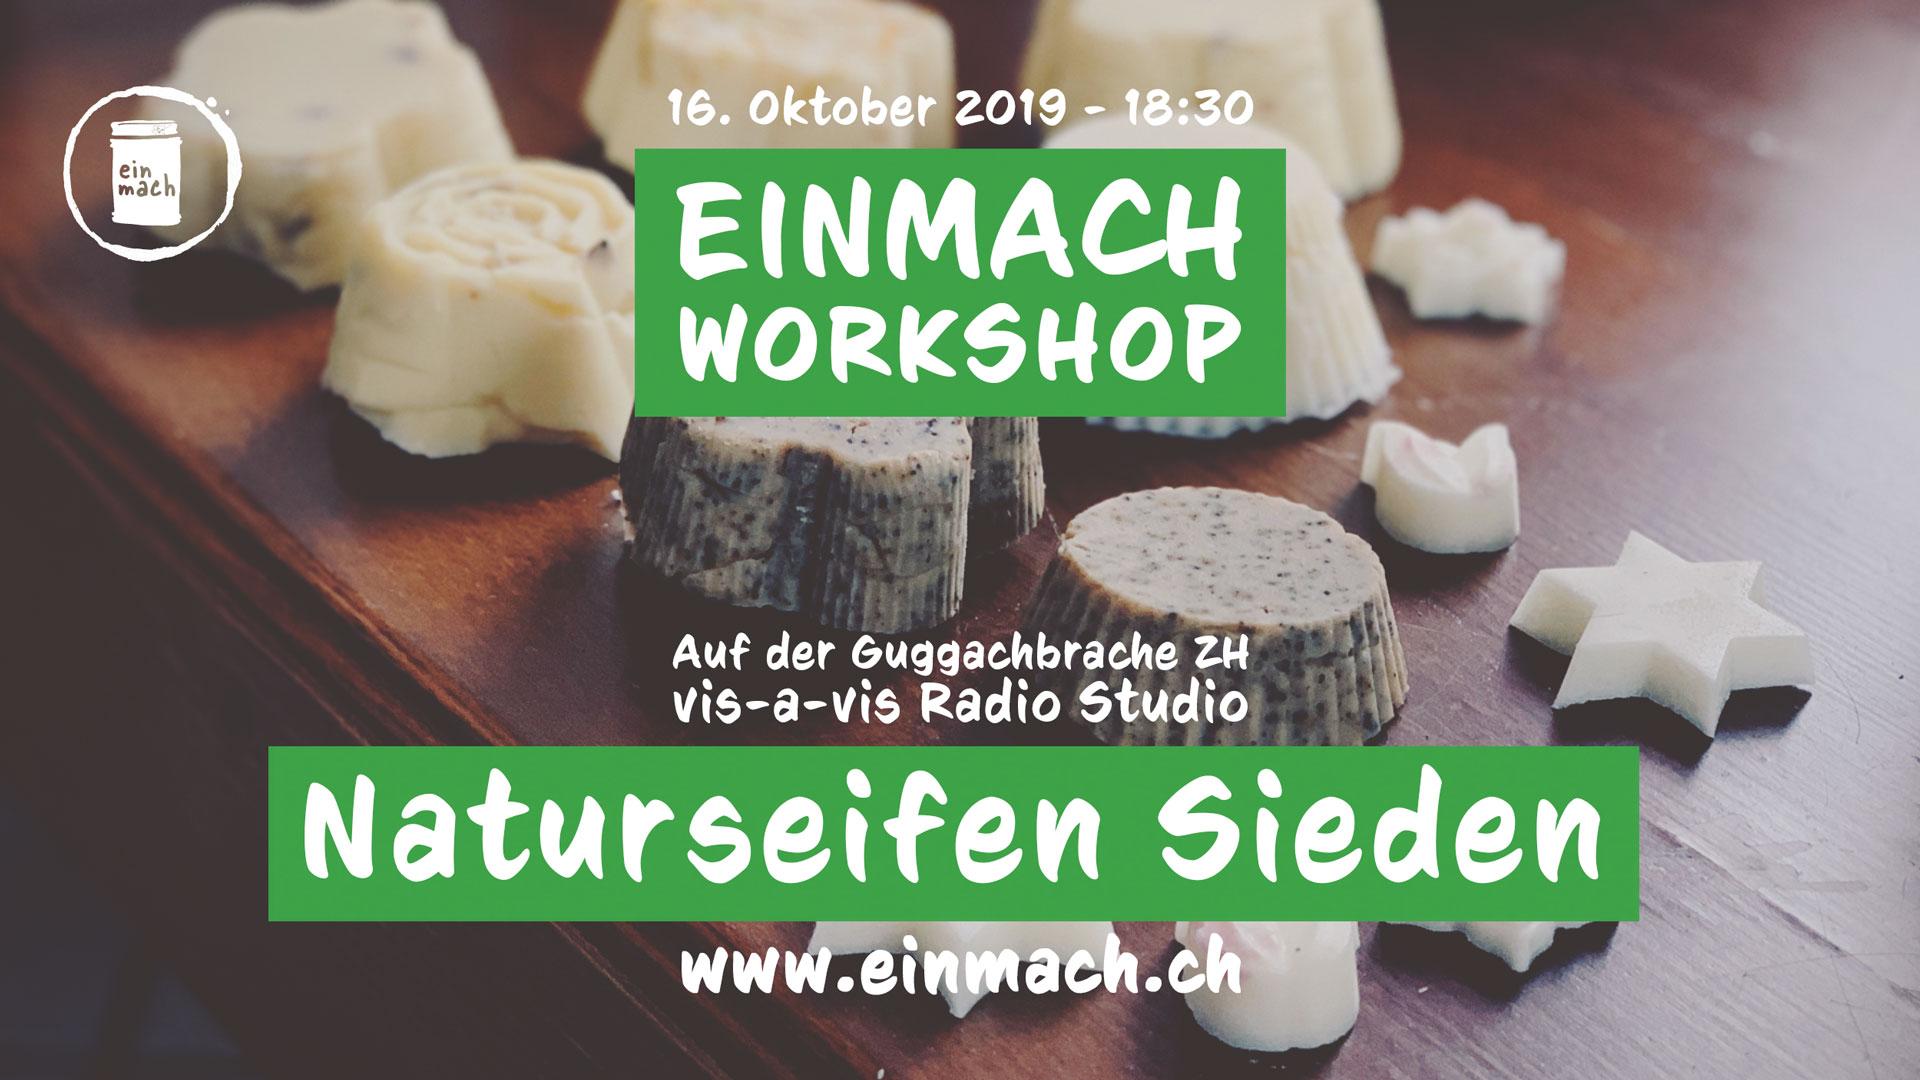 Einmach Workshop – 16. Oktober 2019 – Naturseifen Sieden